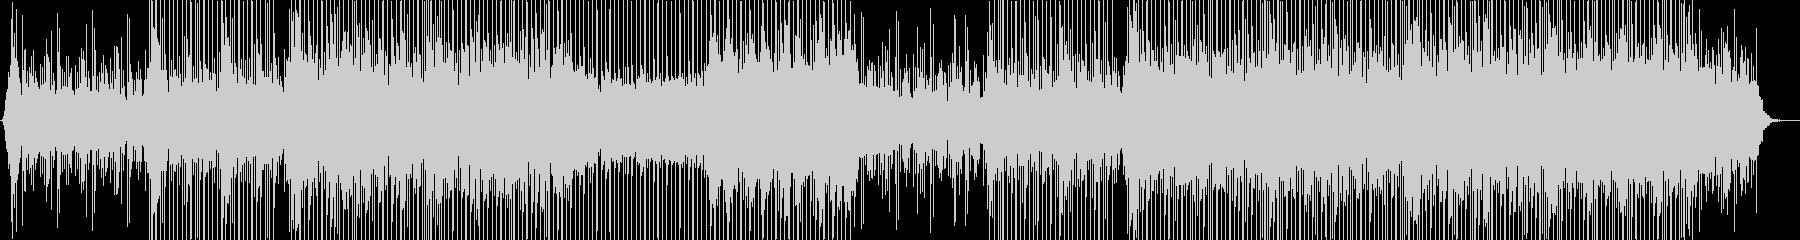 アップテンポで前向きなコーポレートBGMの未再生の波形